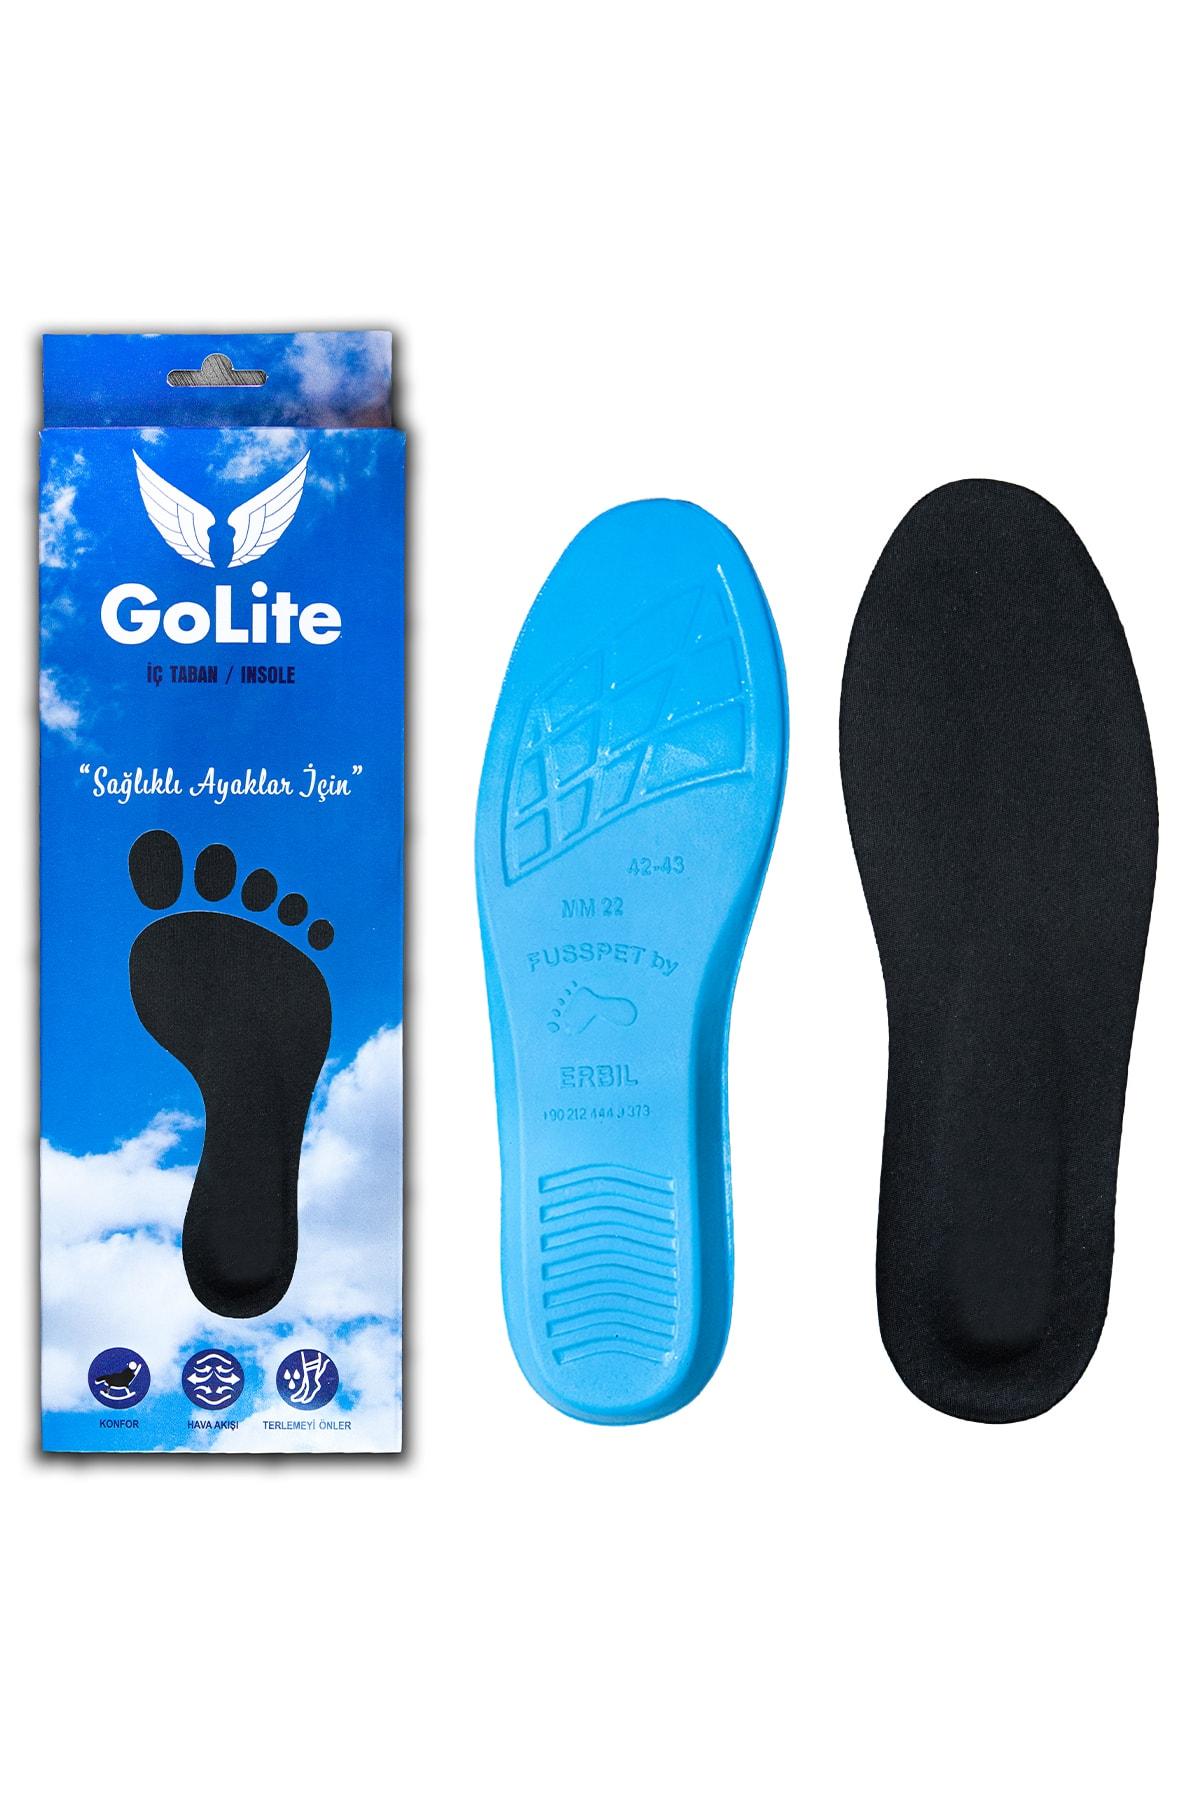 Spor Günlük Tabanlık Siyah Memory Foam Hafızalı Ayakkabı Iç Tabanlığı Rahat Yumuşak Taban M22 Insole